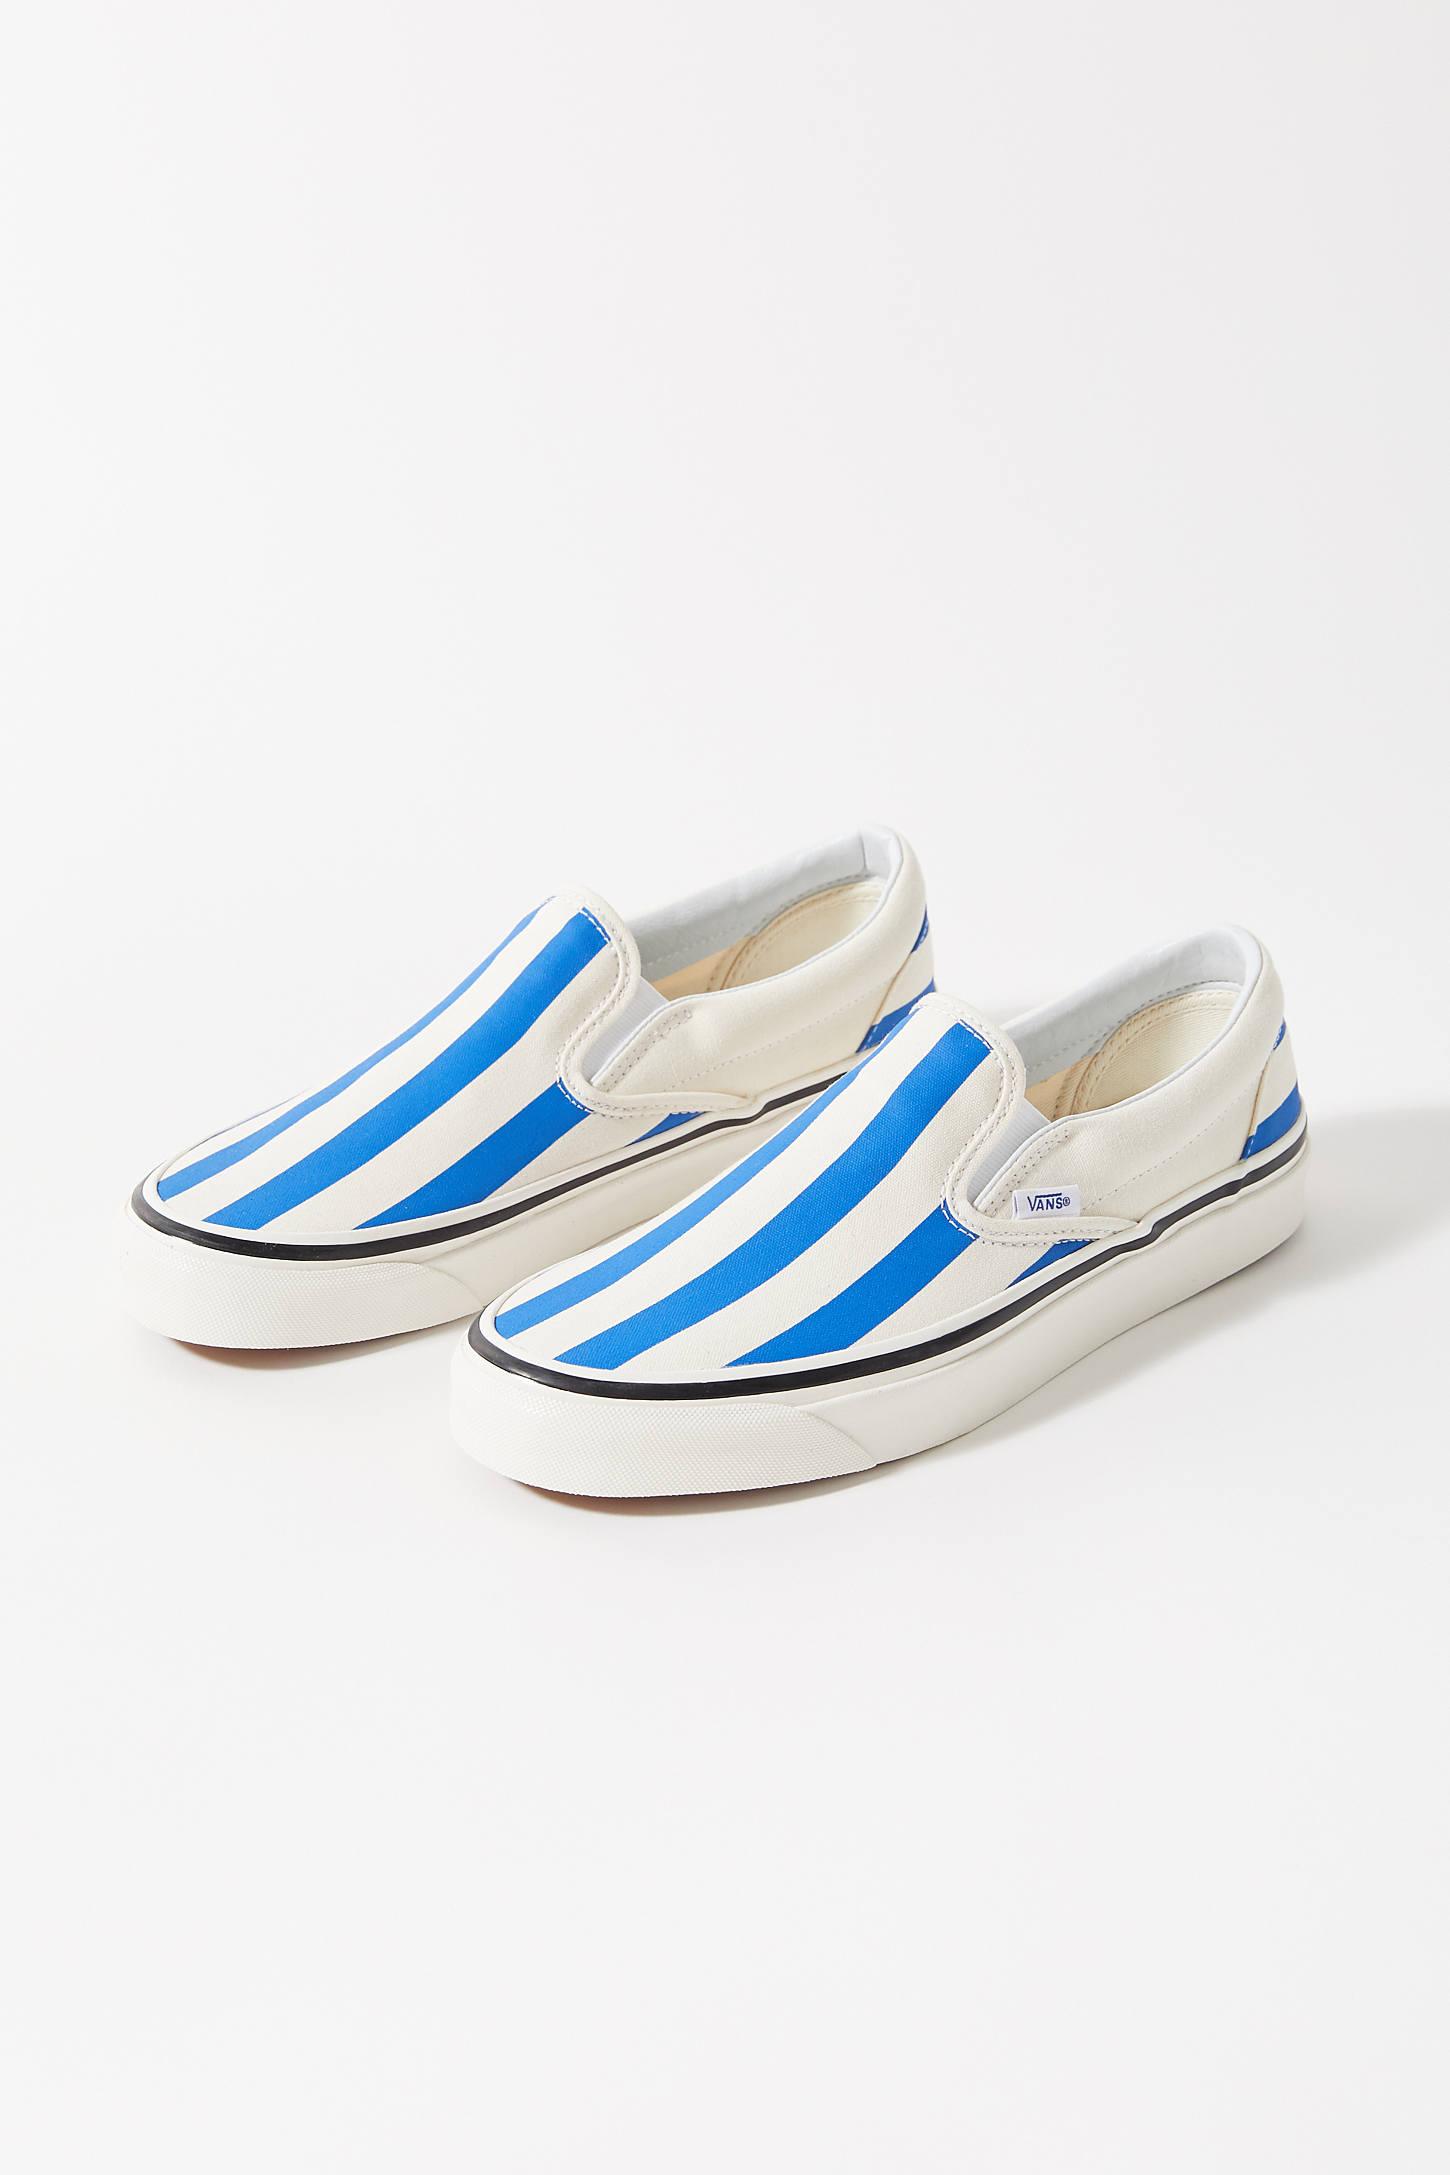 Vans Anaheim Factory 98 DX Striped Slip-On Sneaker